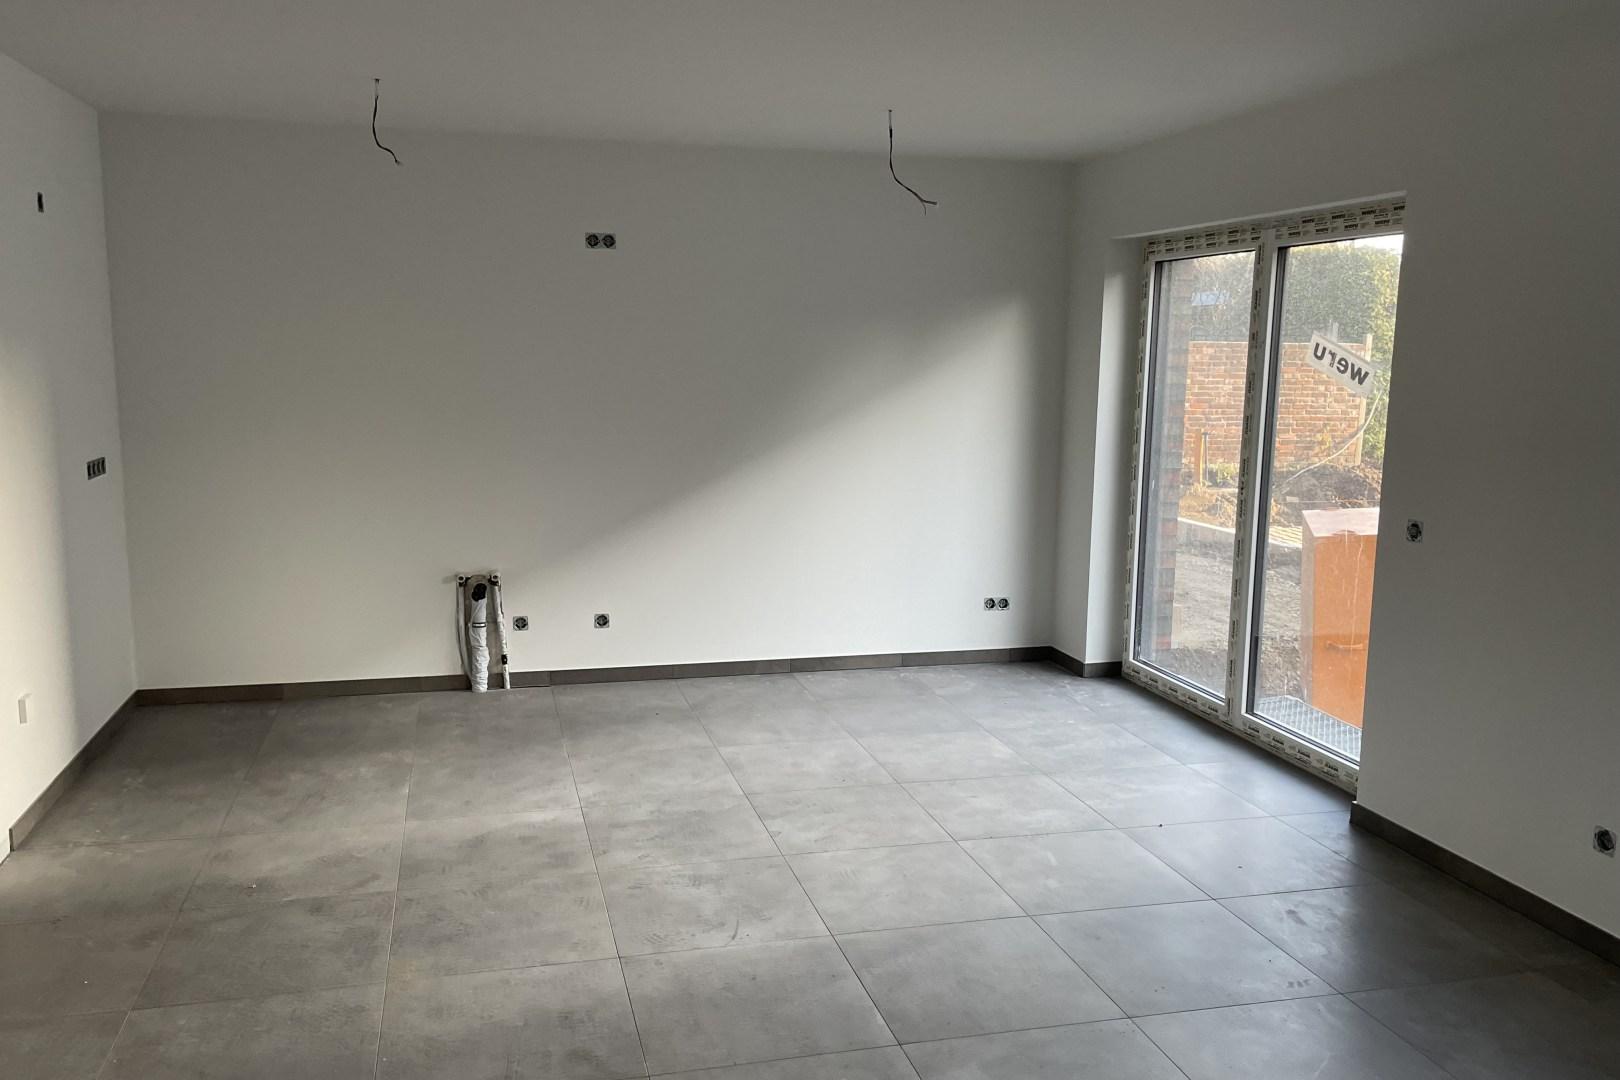 Immobilie Nr.0361a - Neubau: 3-Raum-Wohnung mit Balkon und 2 Außenstellplätzen - Bild 6.jpg